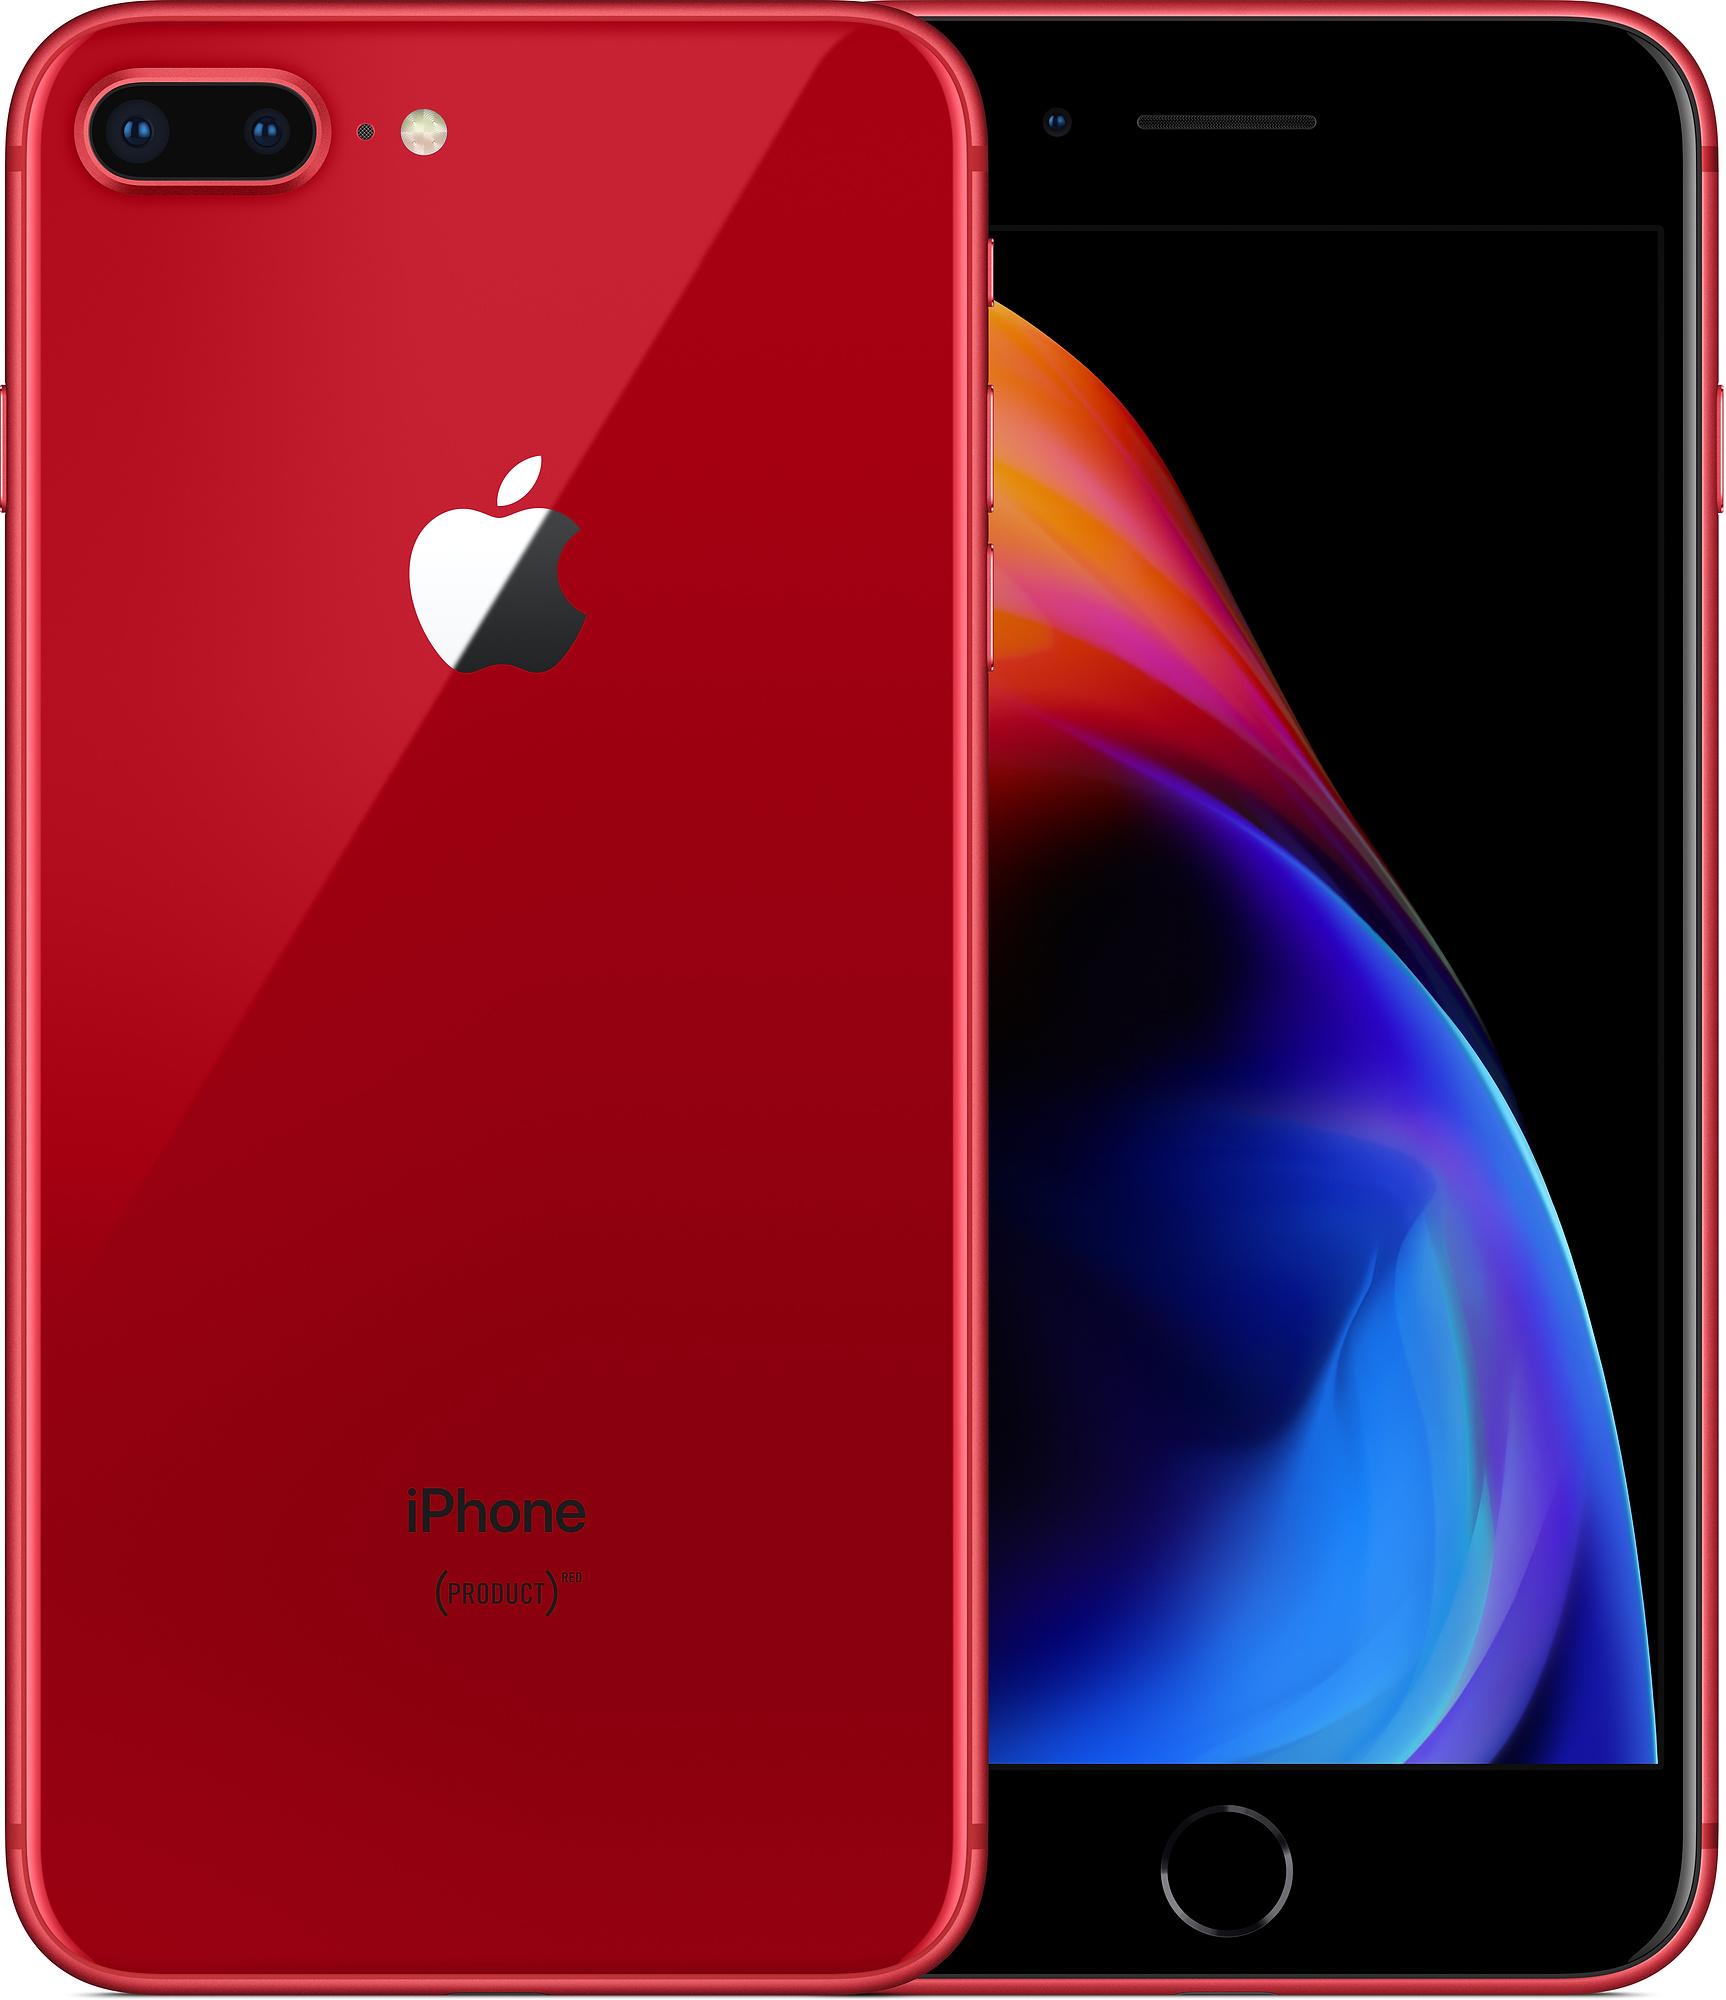 iPhone 8 Plus RED (červený) + DÁRKY za 500 Kč + 33 dní výměna ZDARMA Paměť: 256GB, Kategorie: Premium